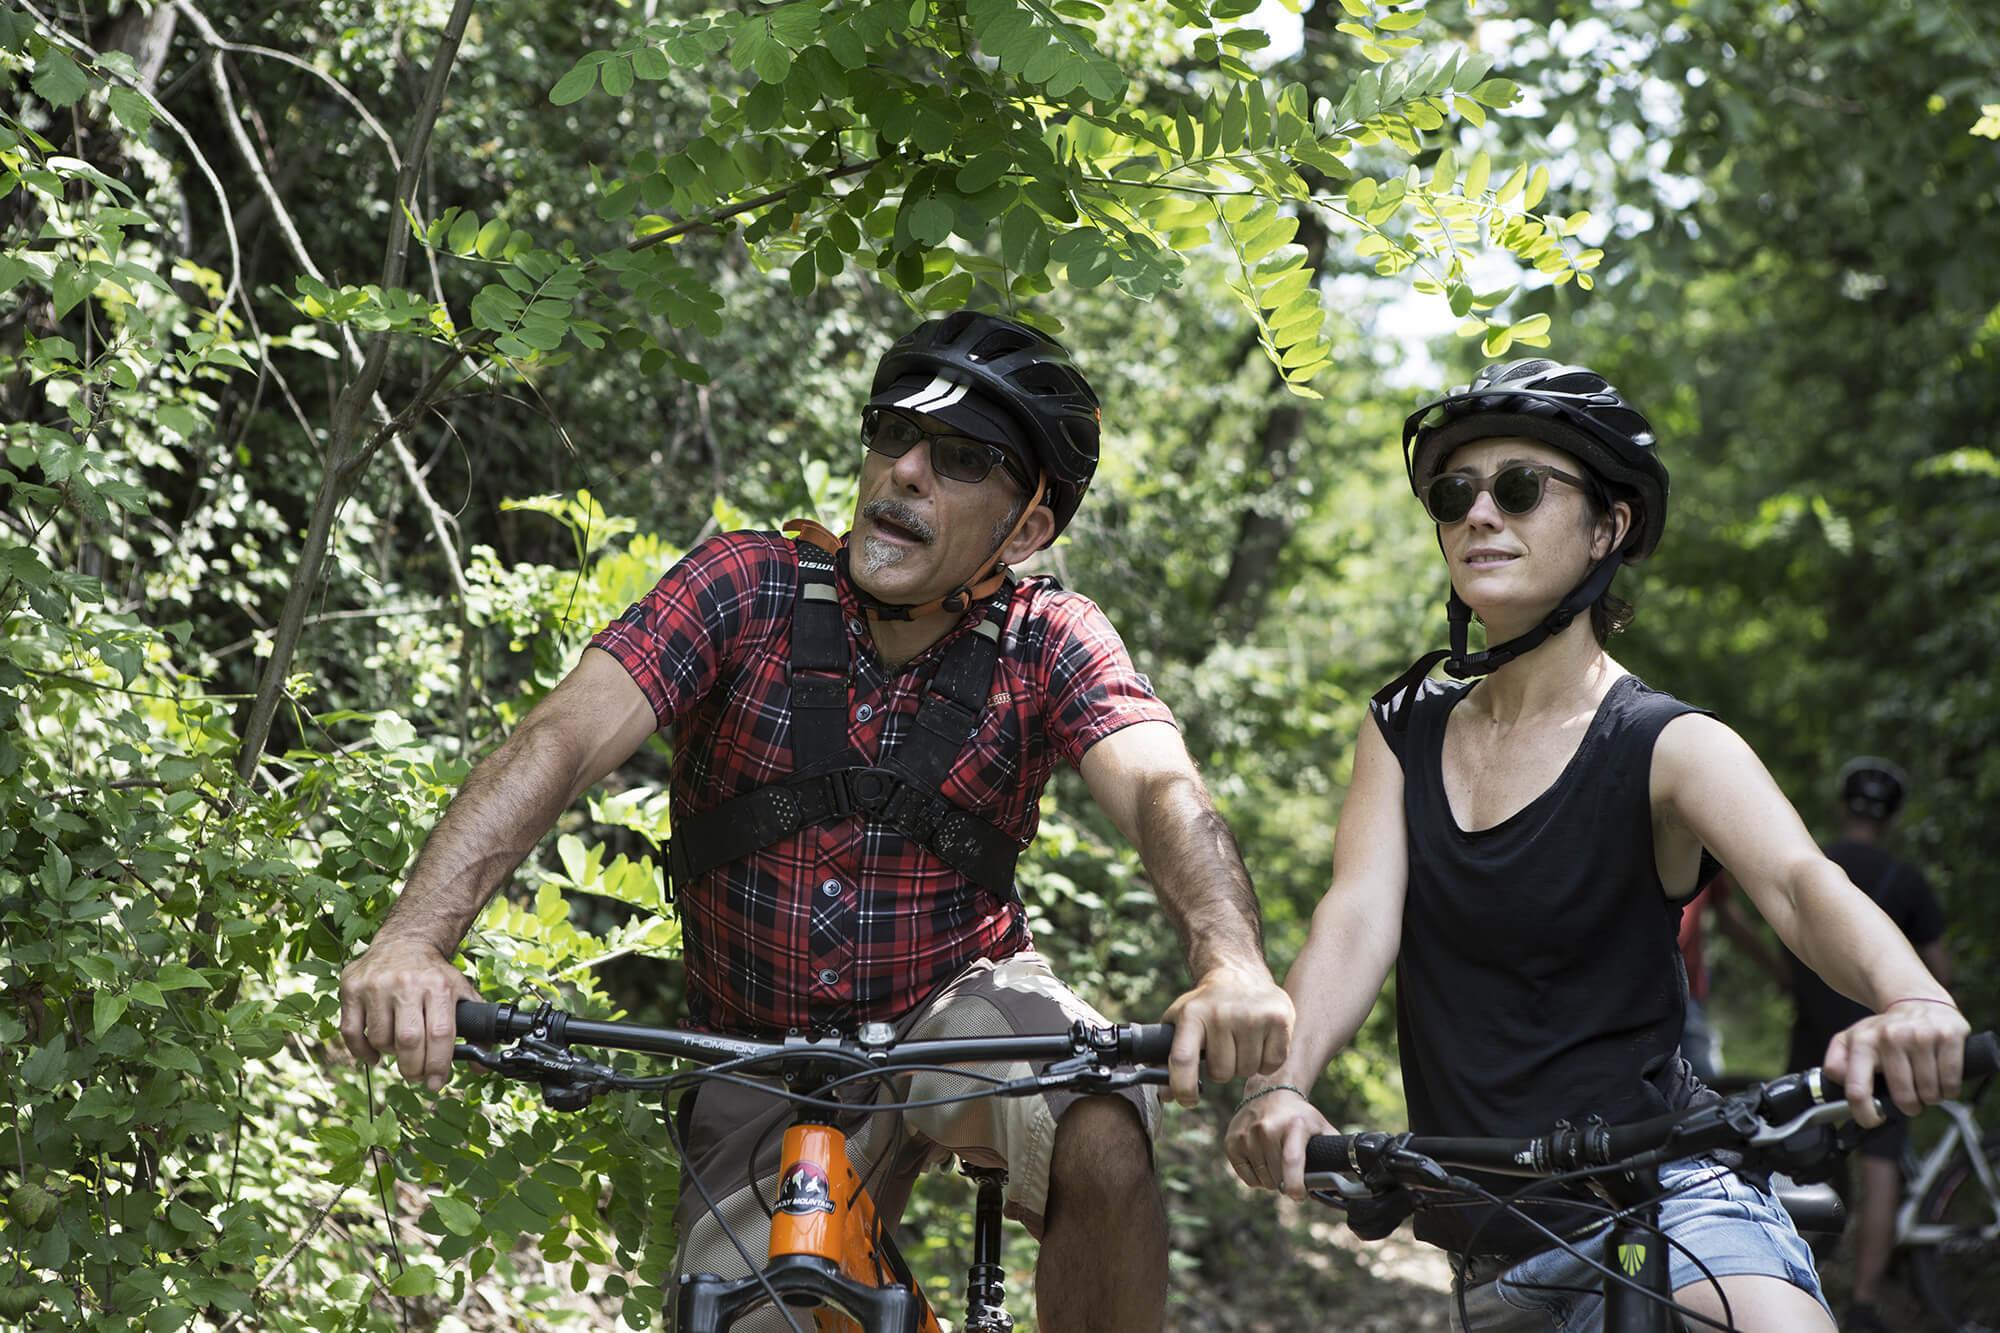 menscorpore-experience-vineyard-biking-06